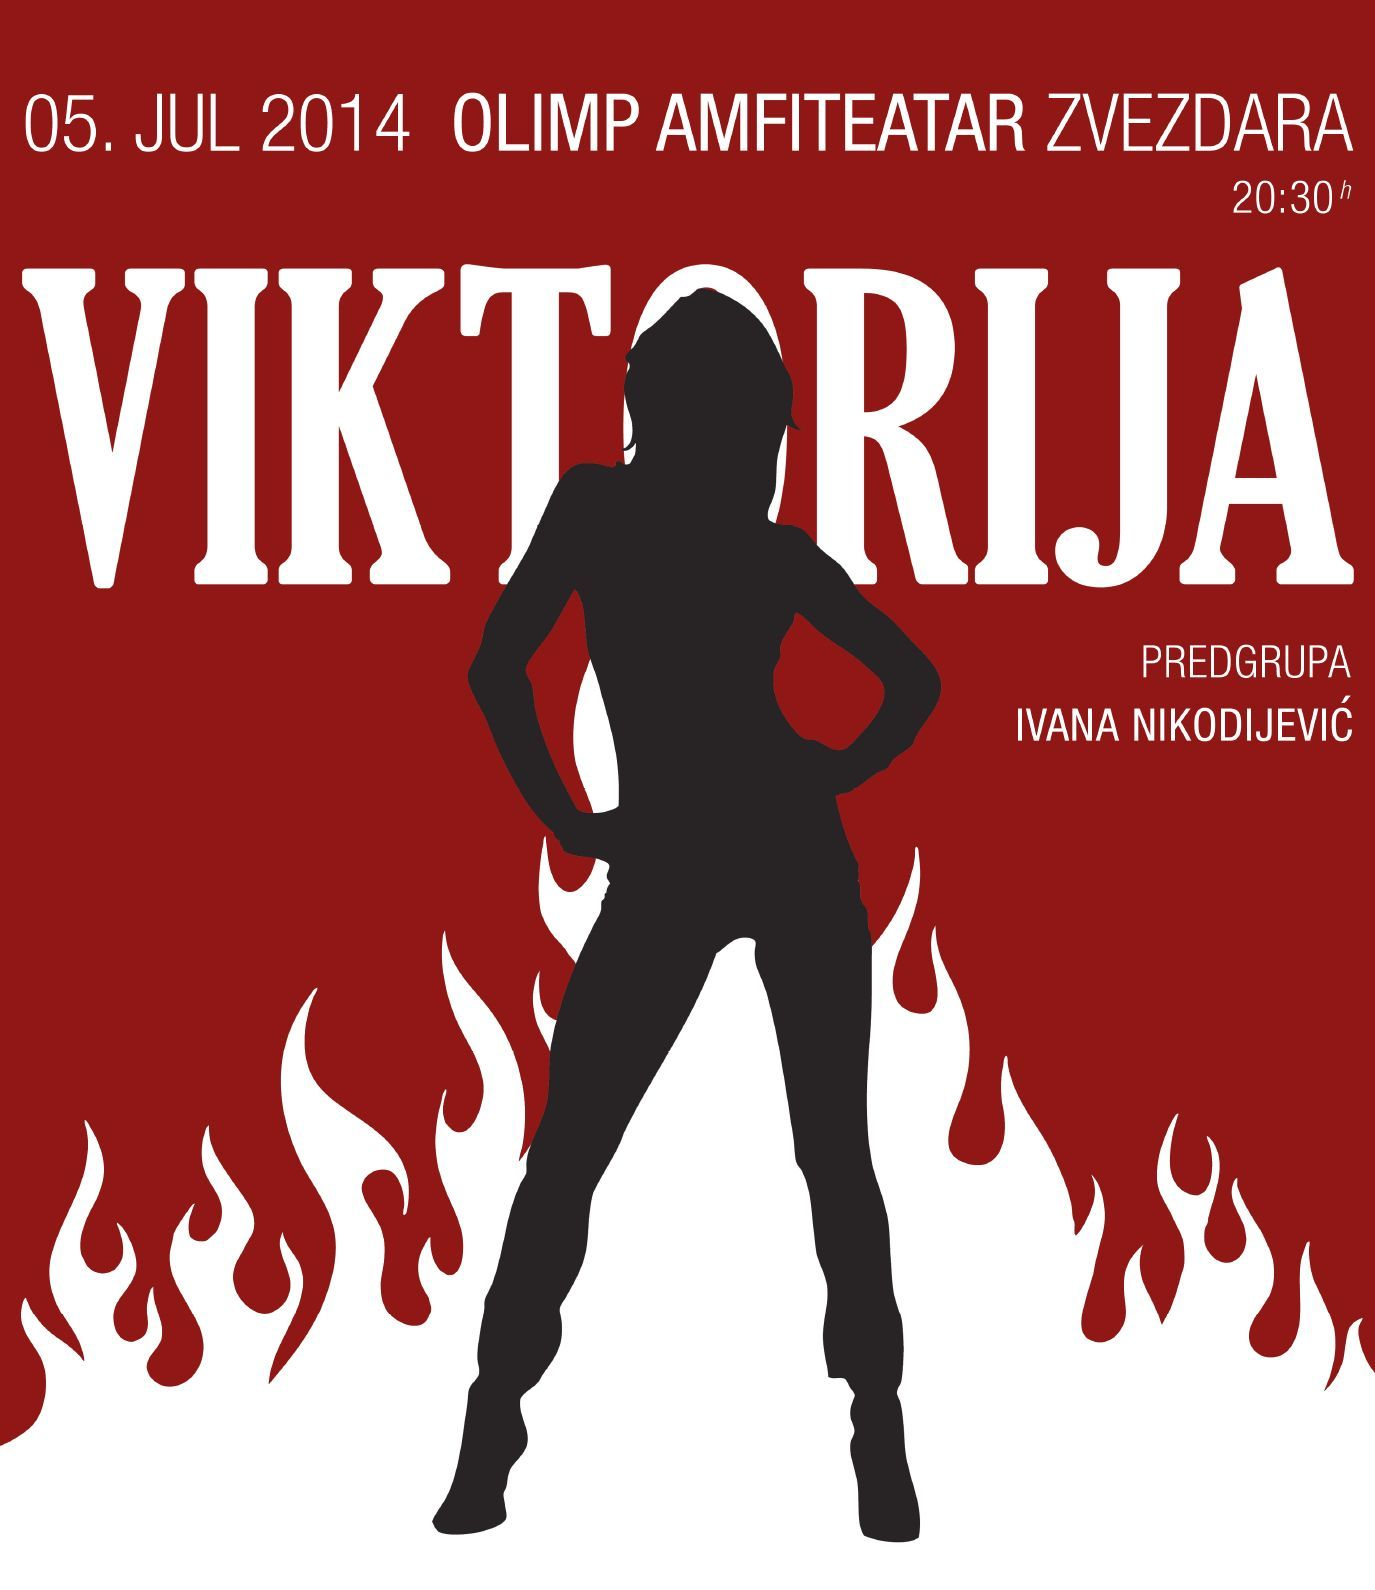 VIKTORIJA - SC Olimp Zvezdara, Tiket Klub